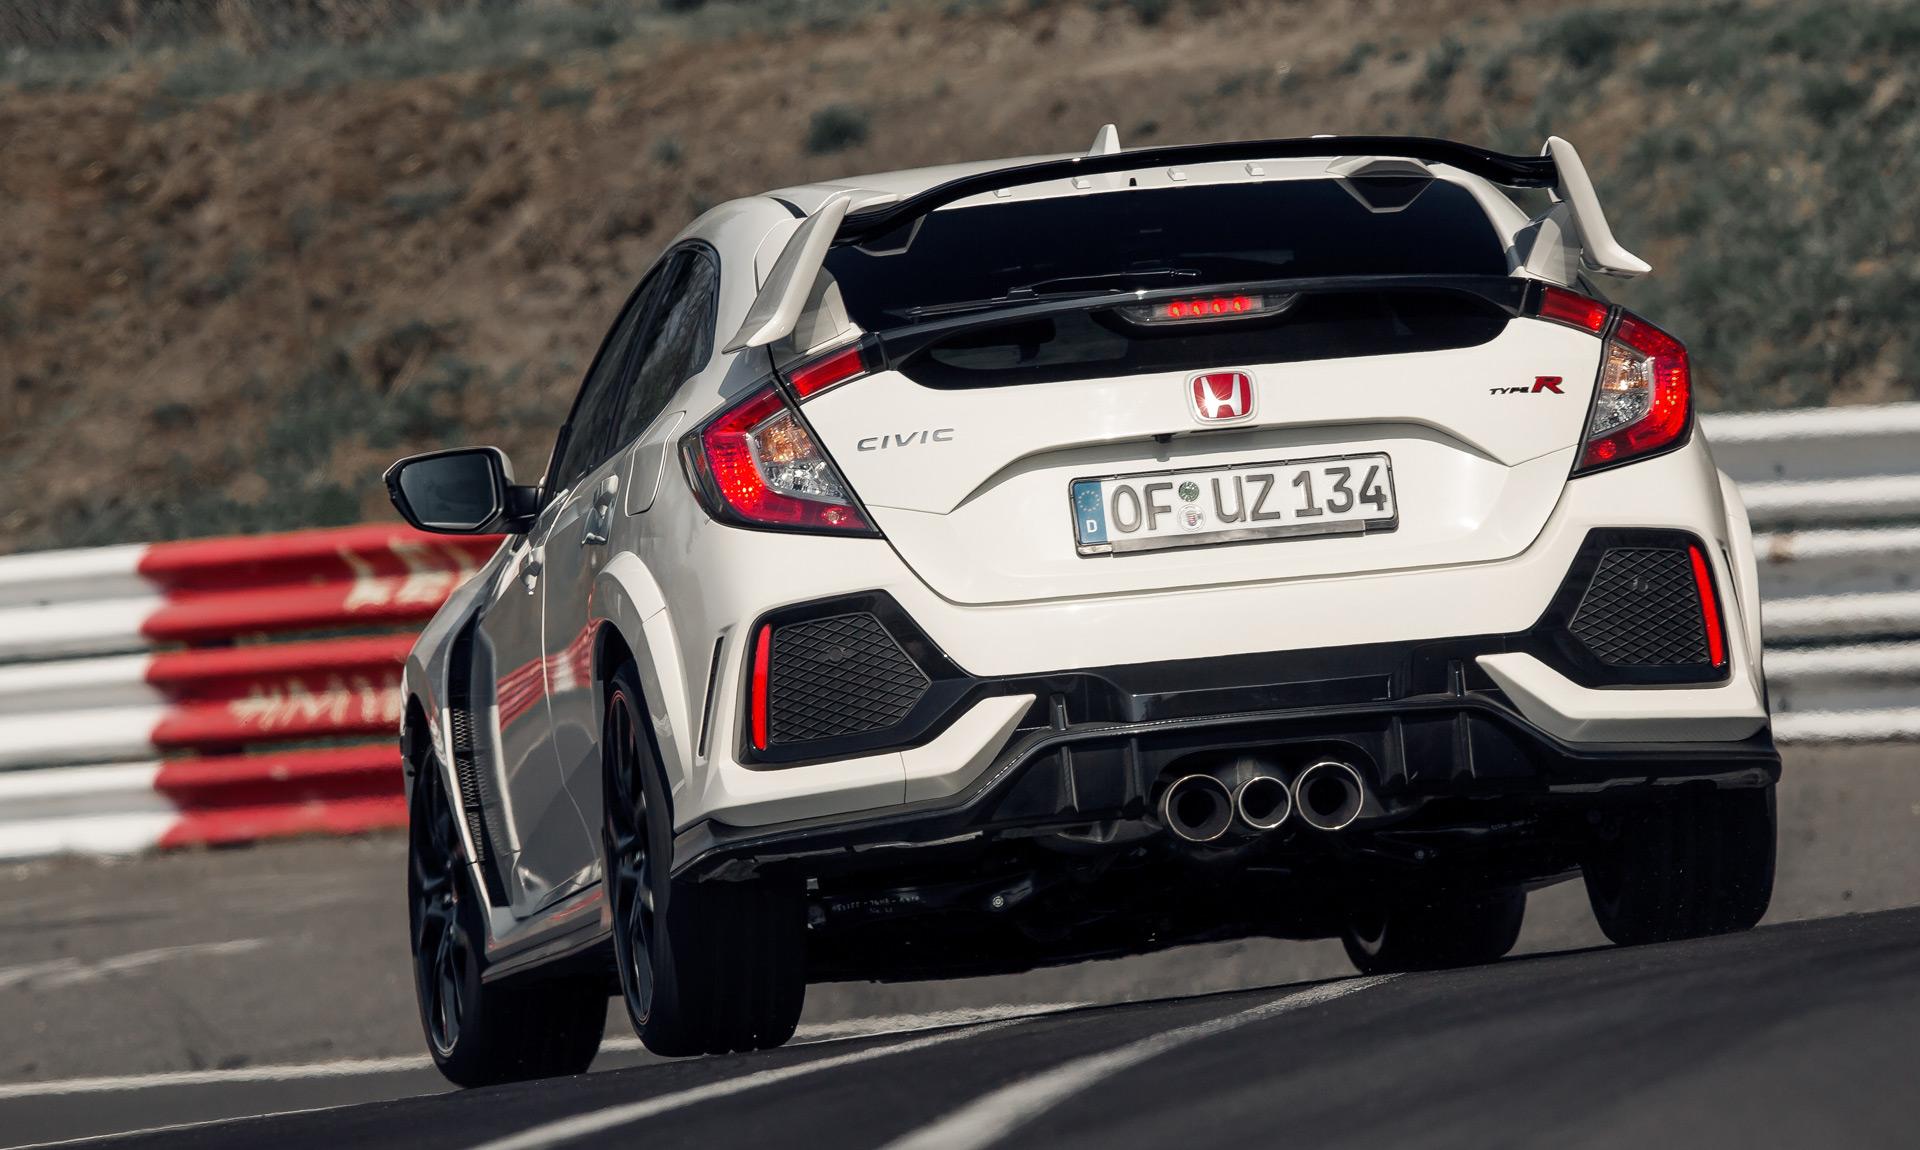 Kekurangan Honda 3 Top Model Tahun Ini